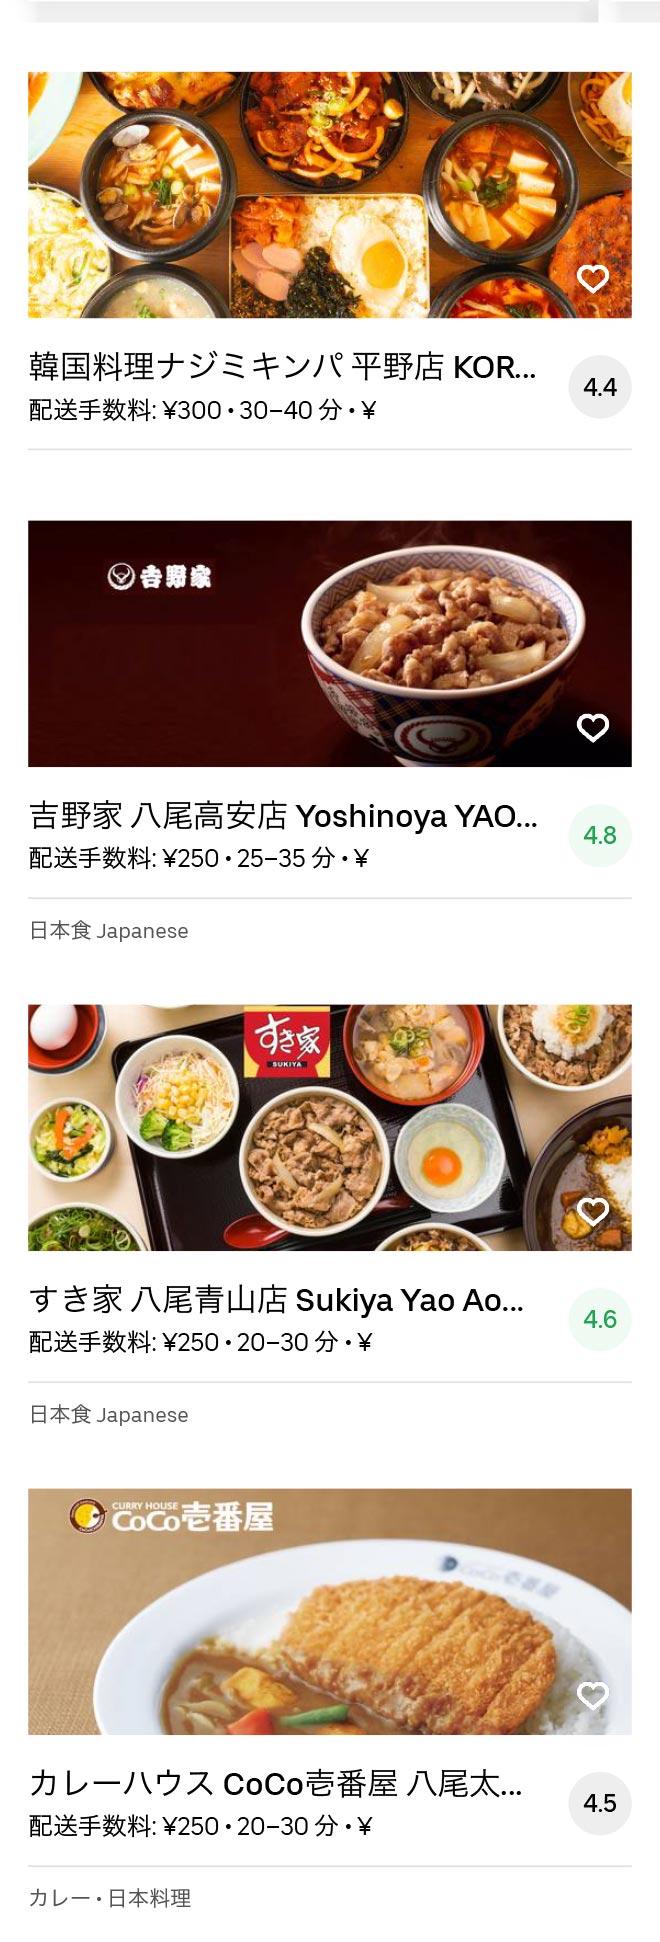 Yao shiki menu 2005 02